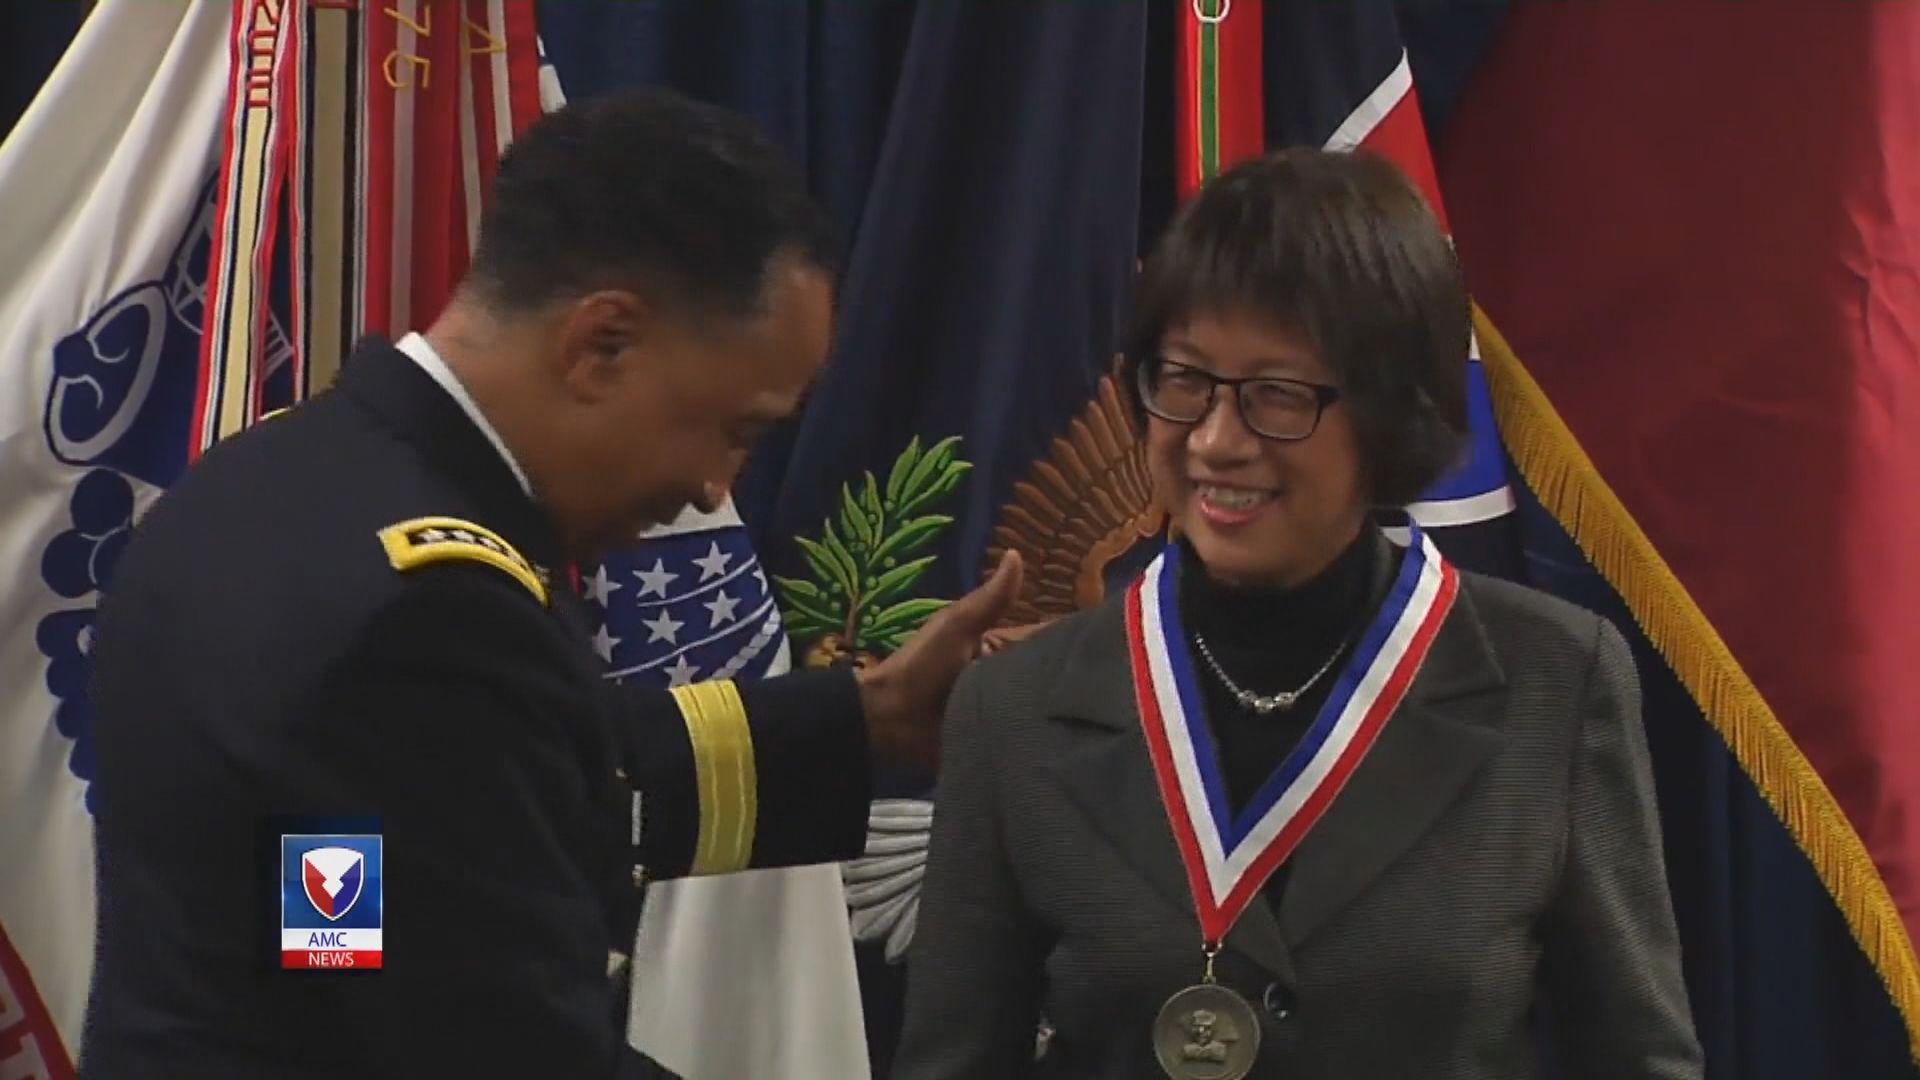 來自台灣女科學家獲提名任美國防部次長